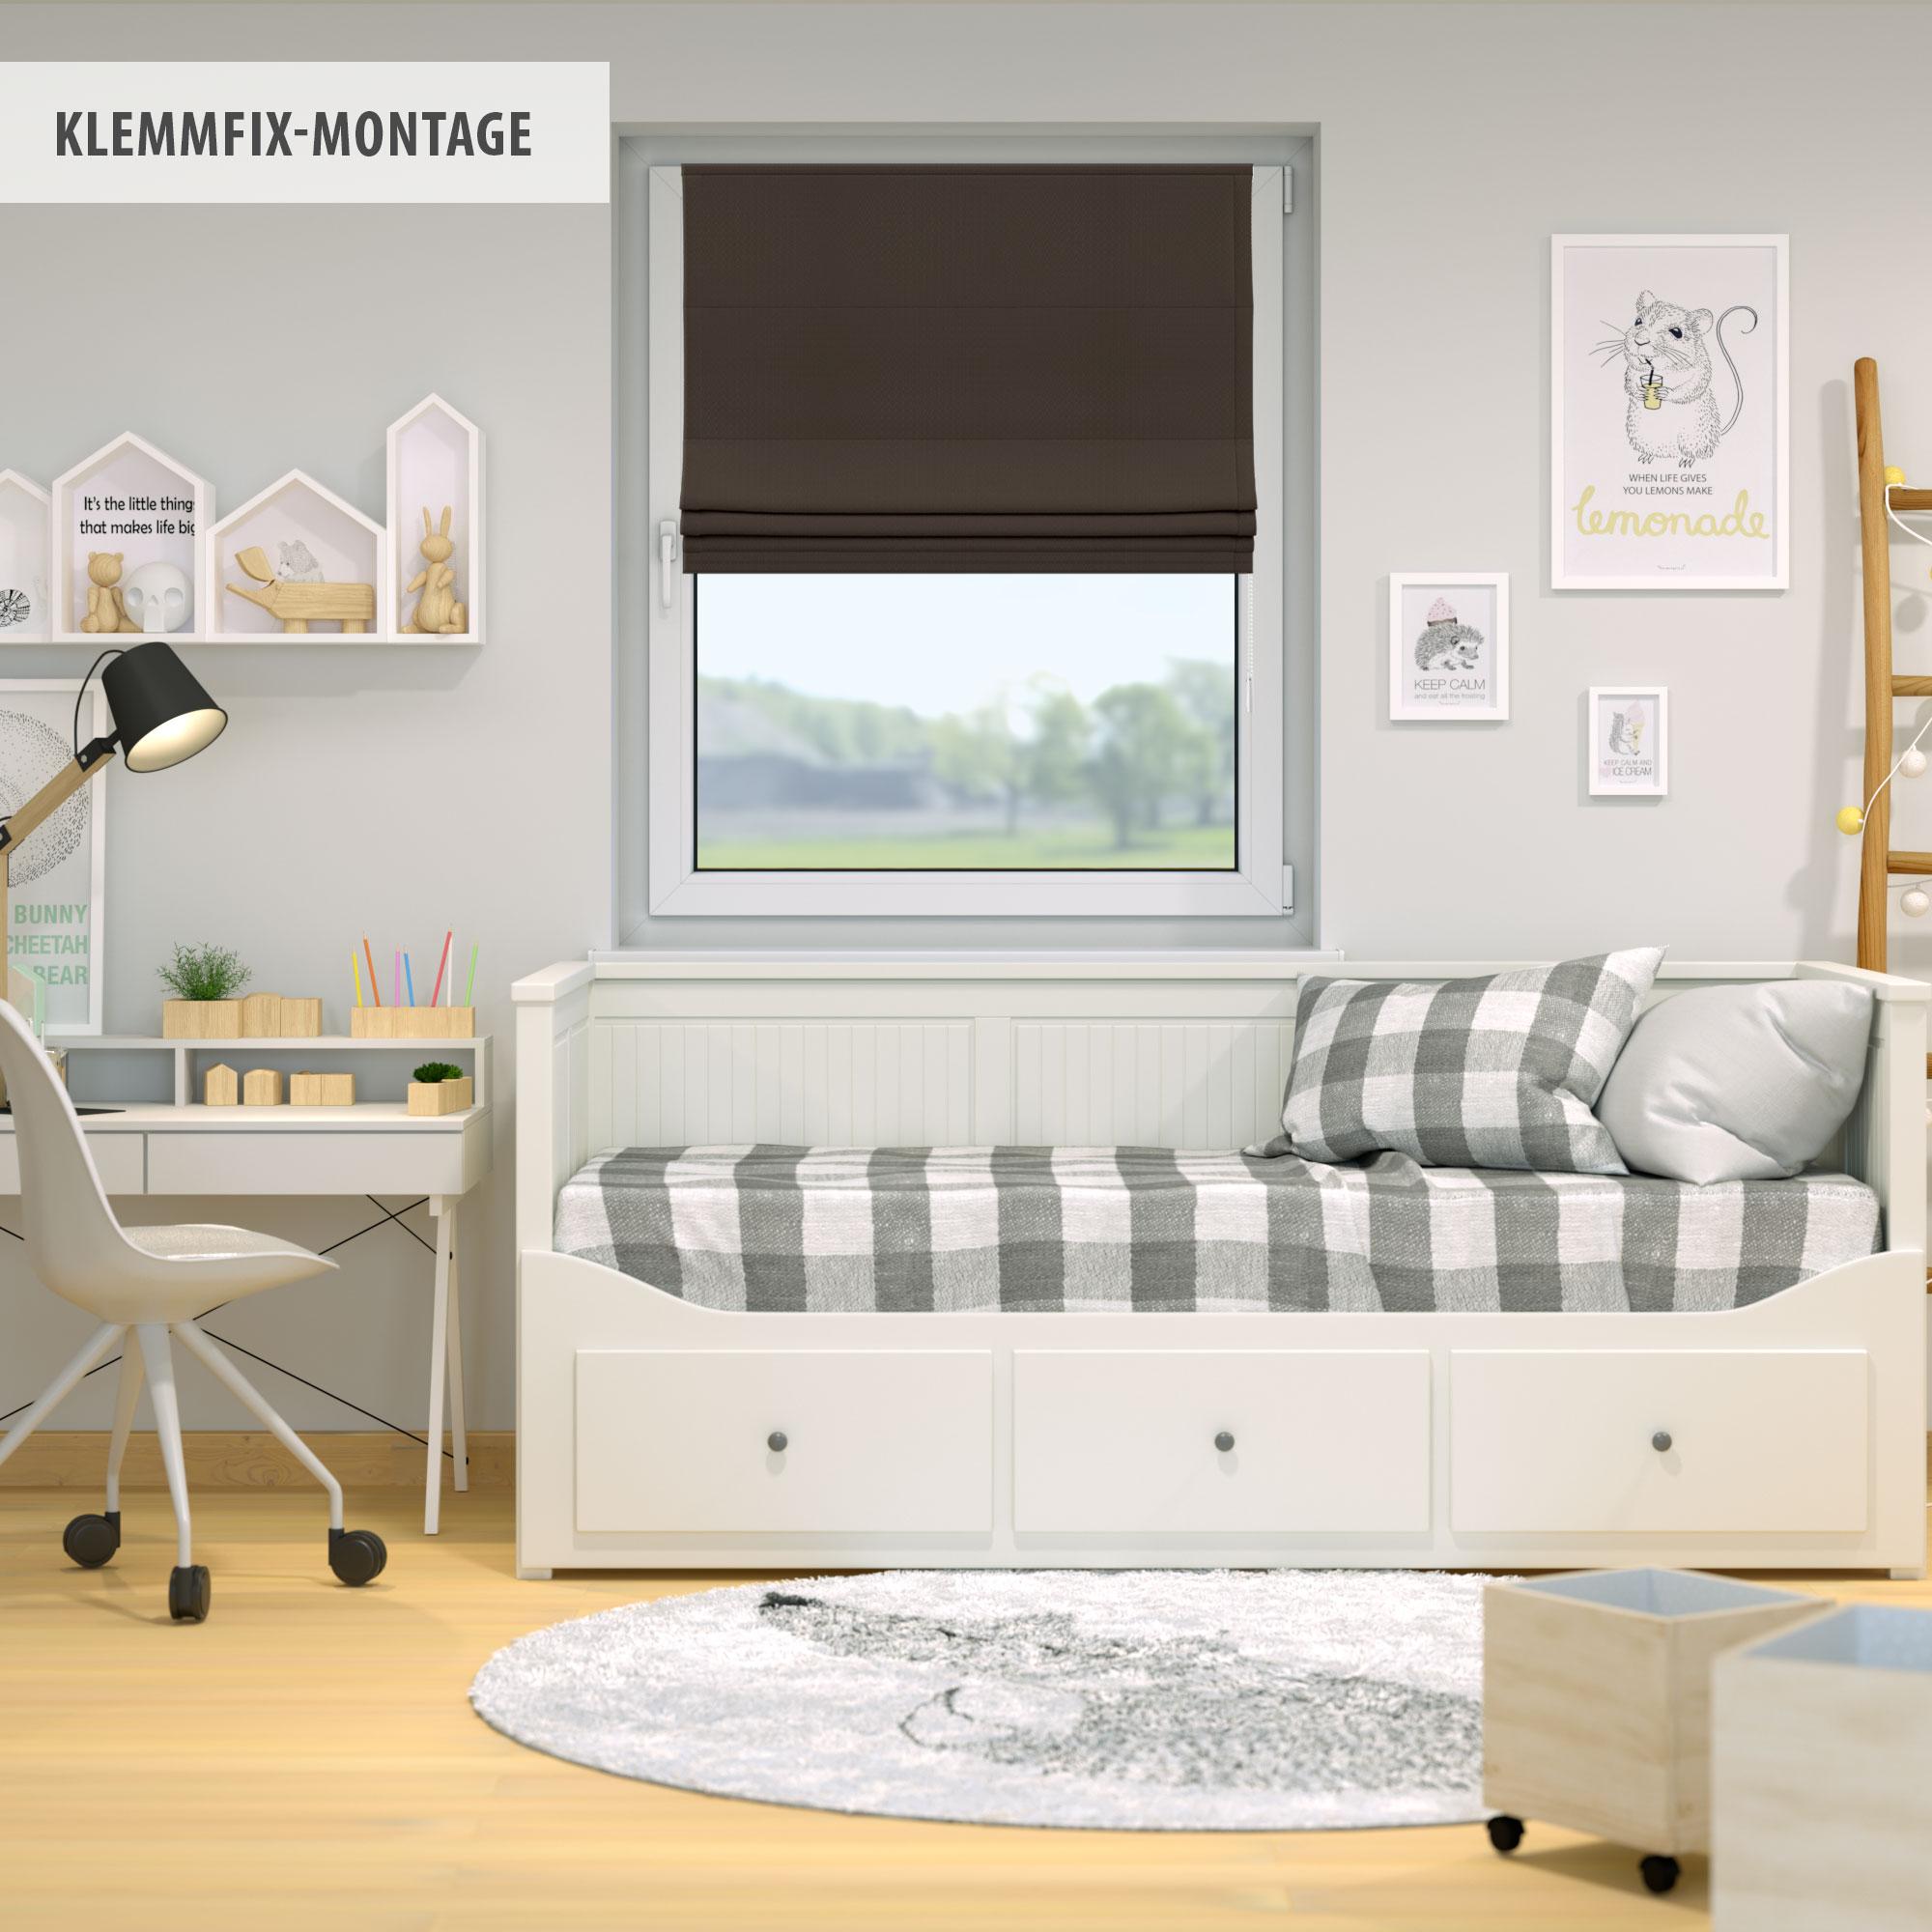 Raffrollo-Faltrollo-Klemmfix-ohne-Bohren-Fenster-Raffgardine-Gardine-VICTORIA-M Indexbild 19